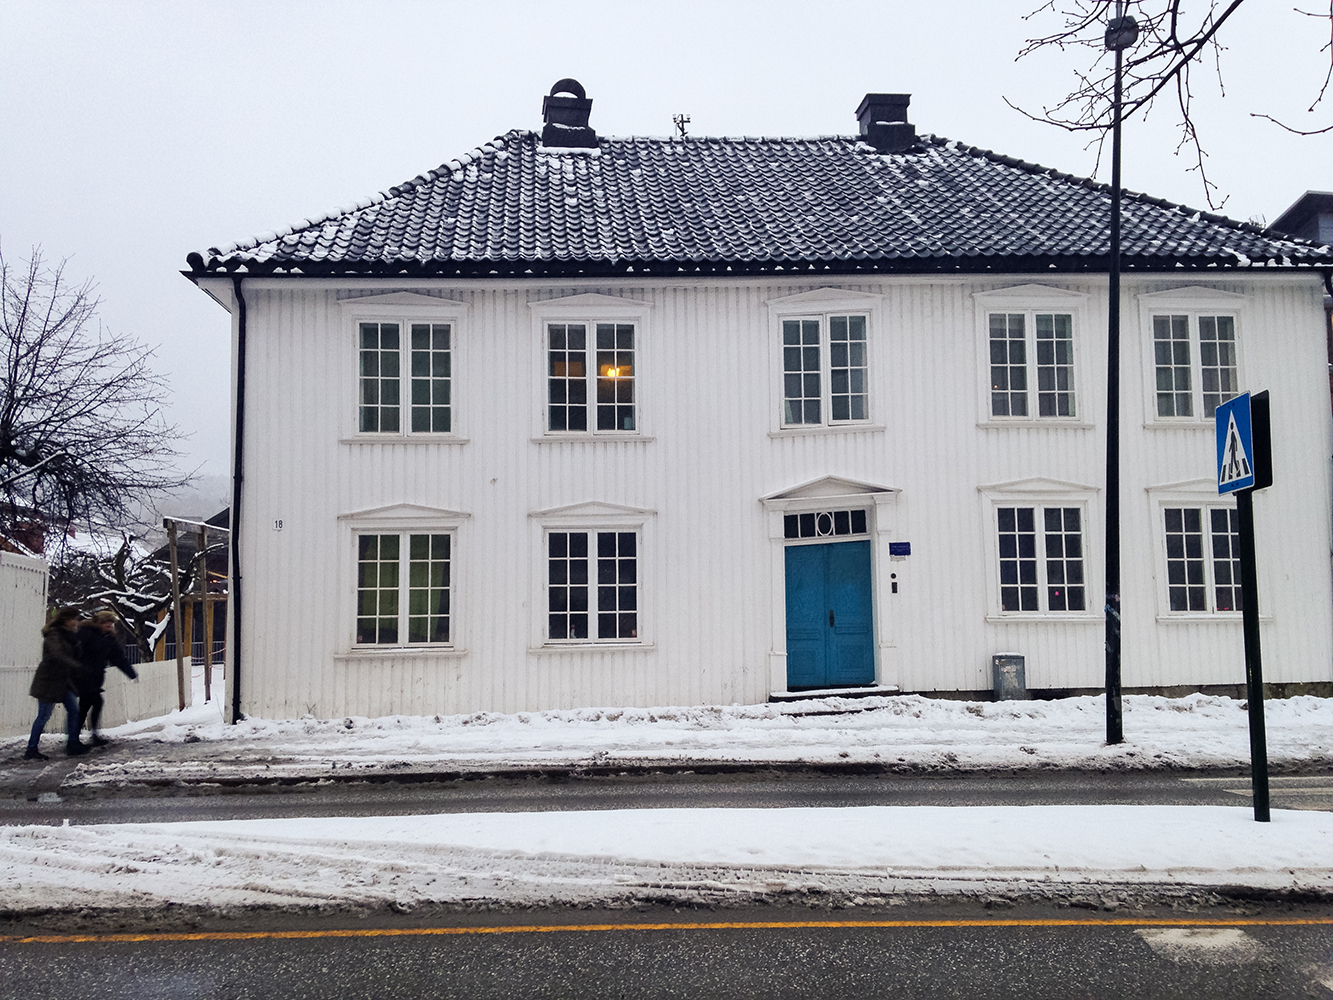 Norway_006.jpg